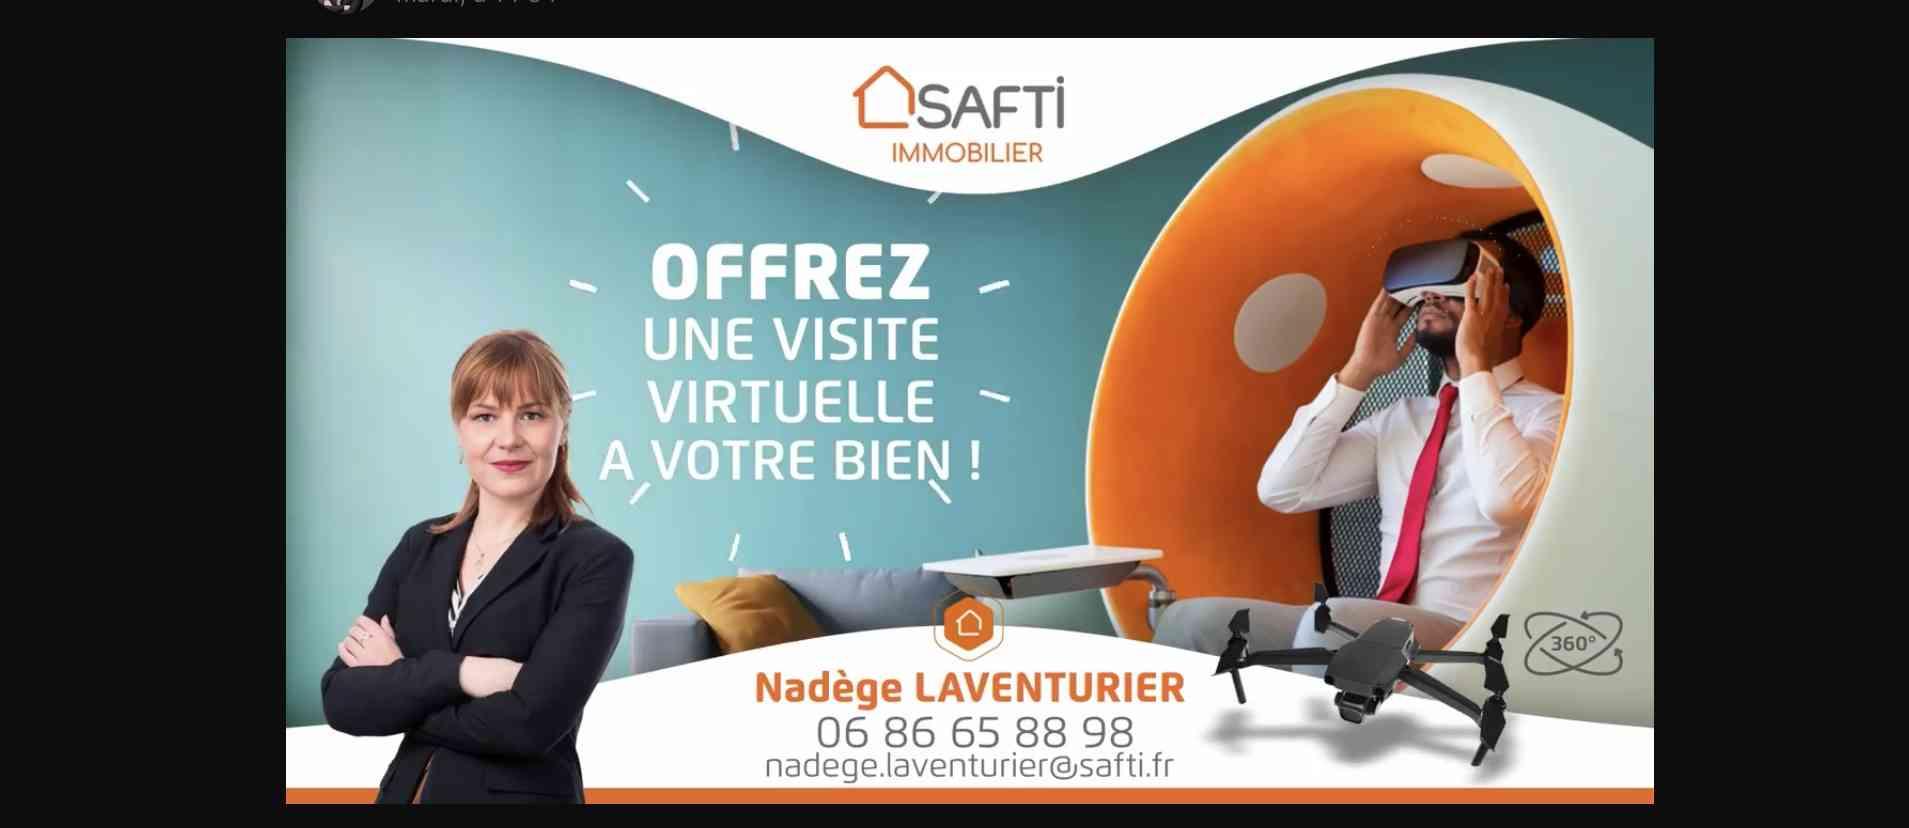 Nadège Laventurier Safti-immo | Ajaccio France | 360 3D VR tours